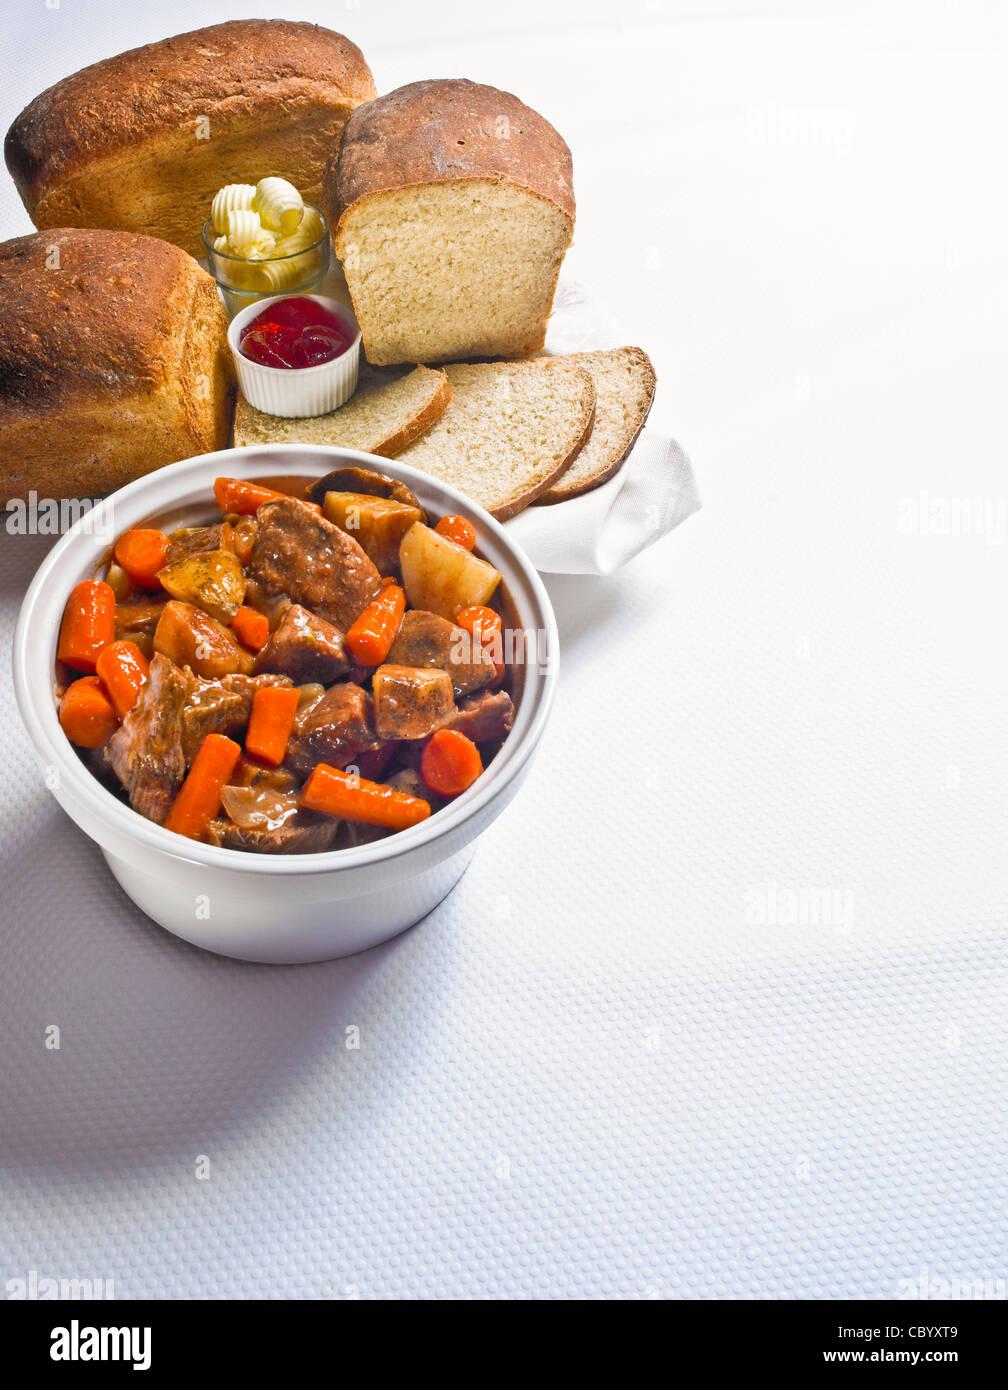 Wunderbar Landküche Ideen Fotos - Ideen Für Die Küche Dekoration ...